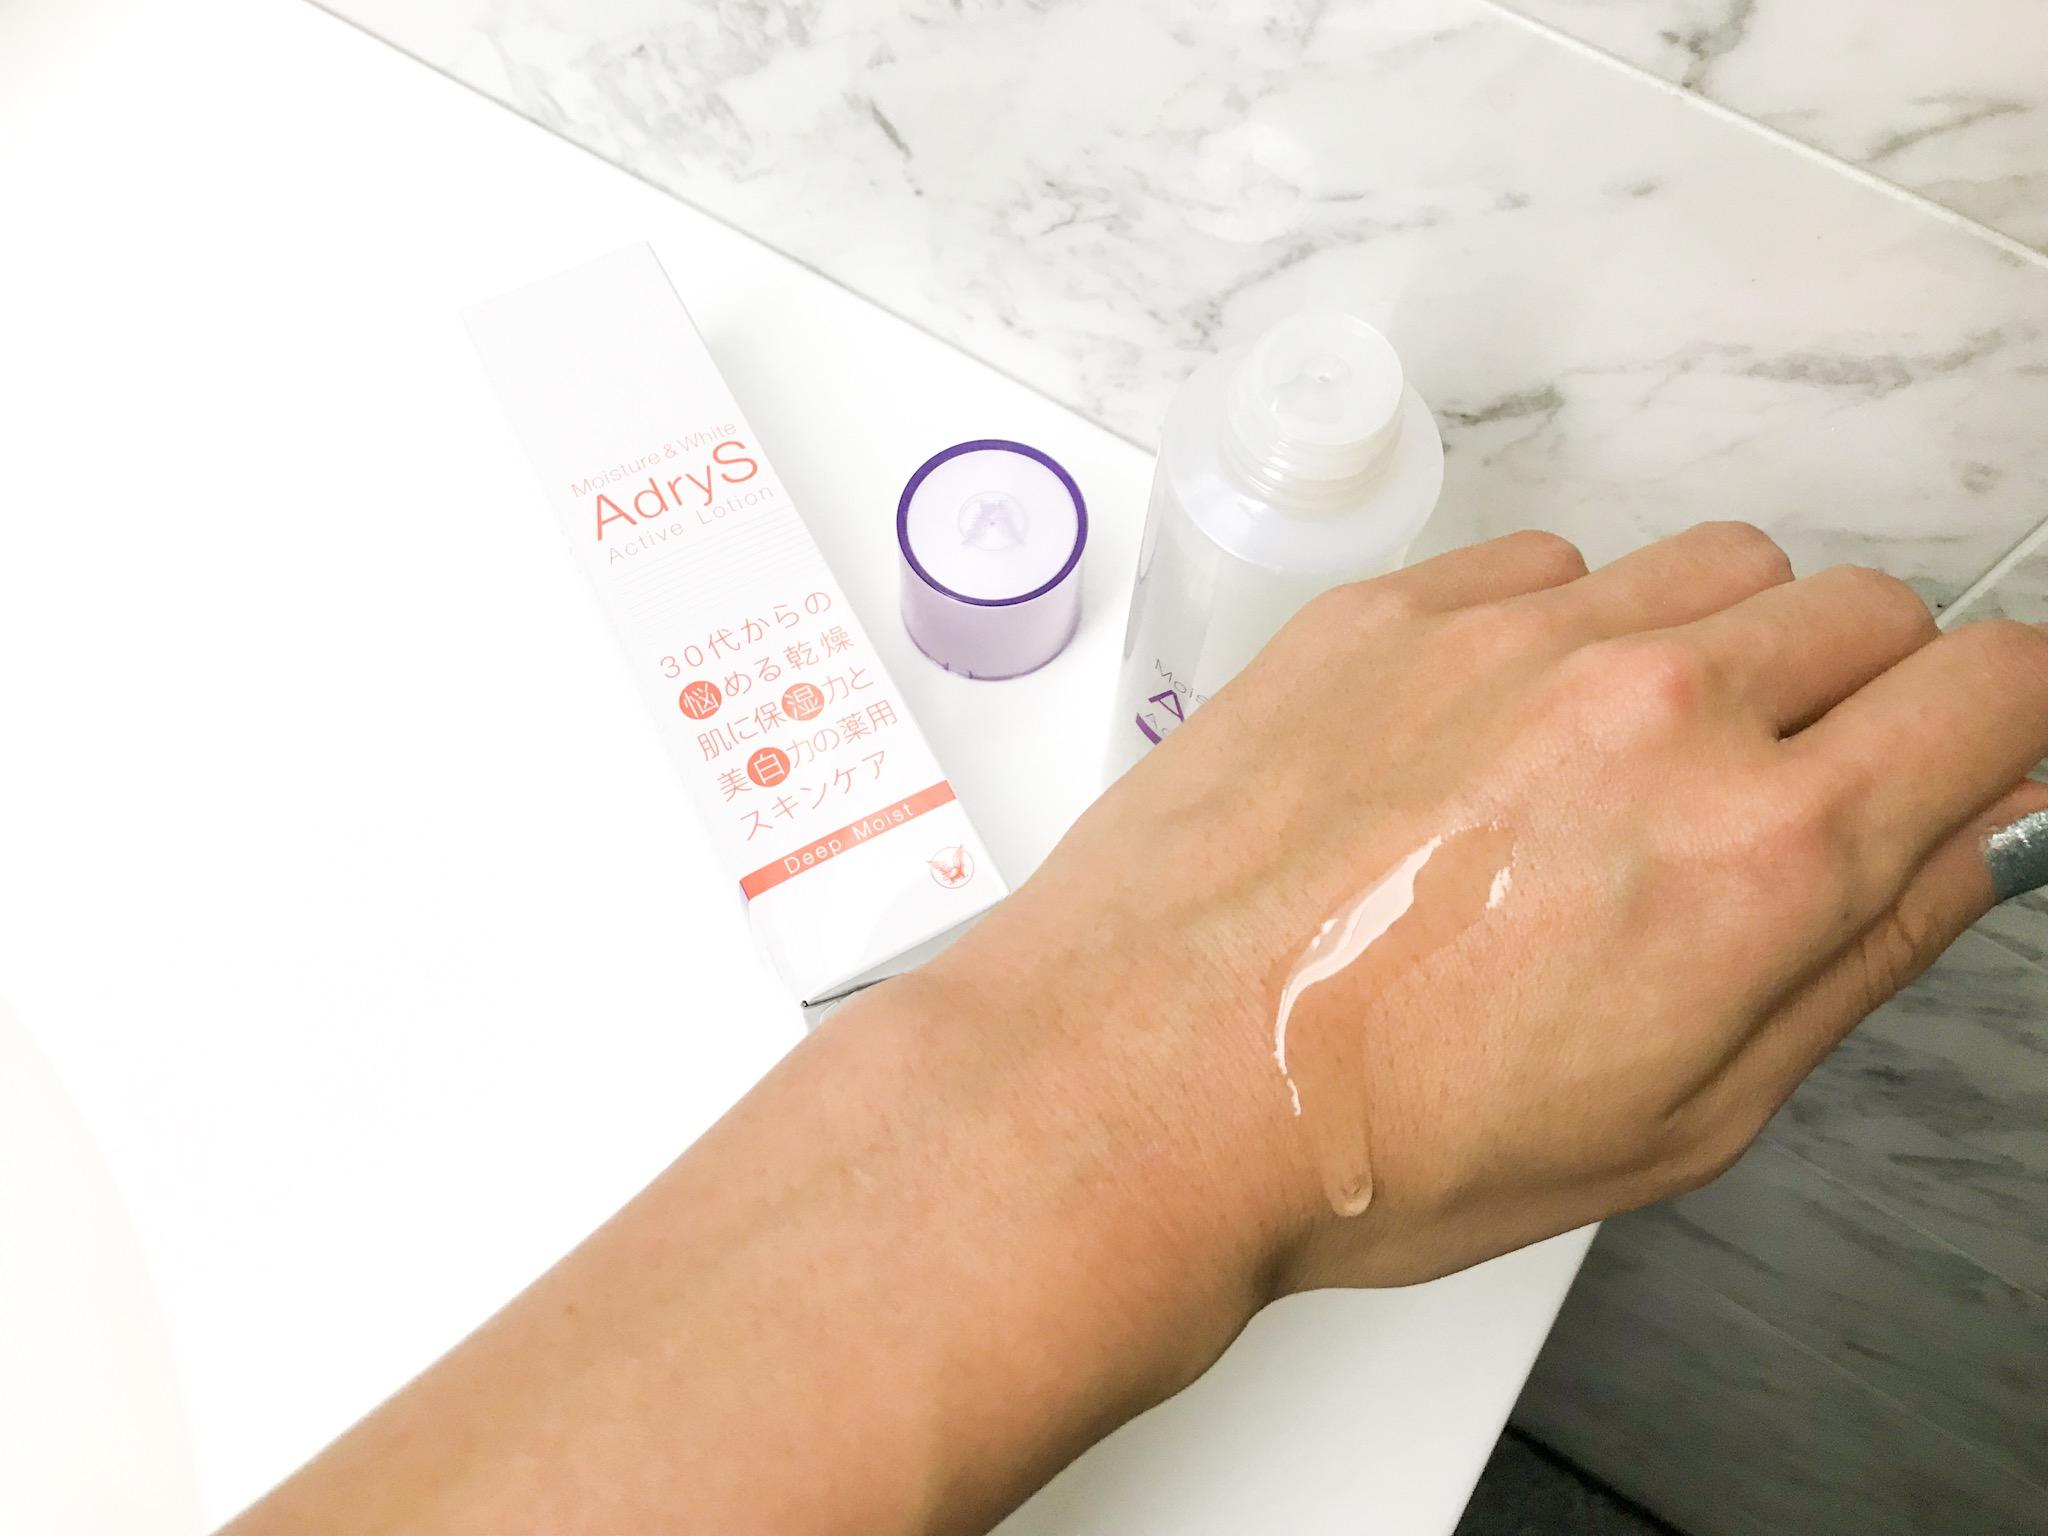 保湿と美白が同時に叶う薬用化粧水が『大正製薬』から登場♡ 肌にやさしく、乾燥肌にもおすすめ!_2